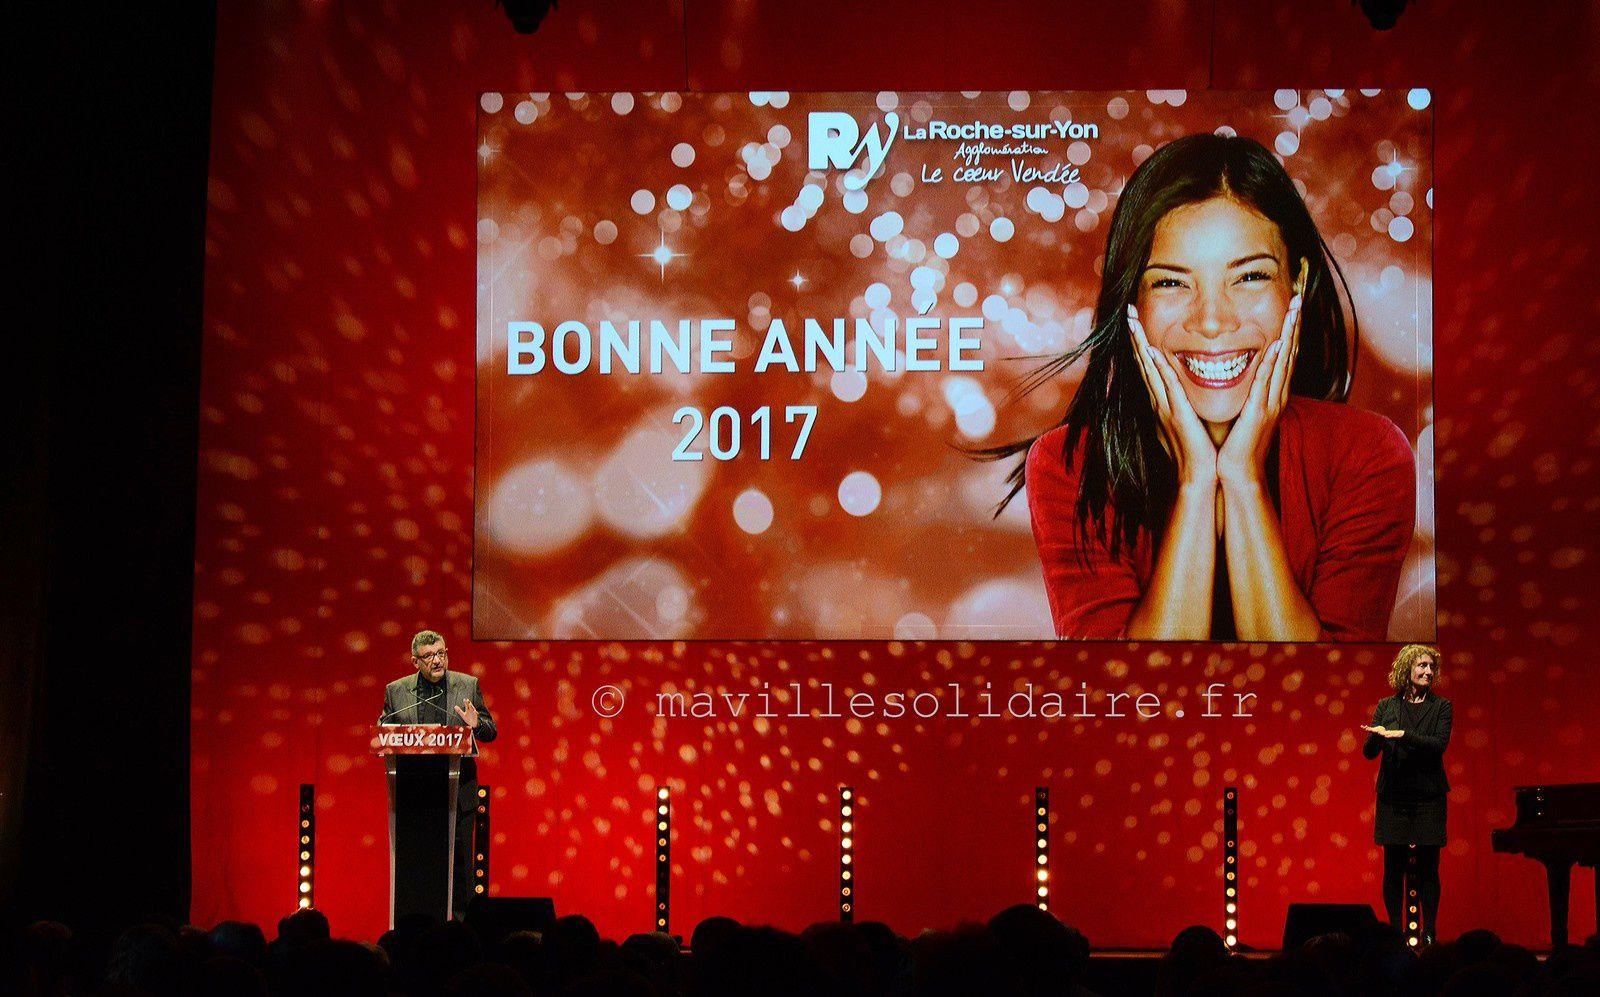 La Roche-sur-Yon. Les derniers vœux de Luc Bouard comme maire ?